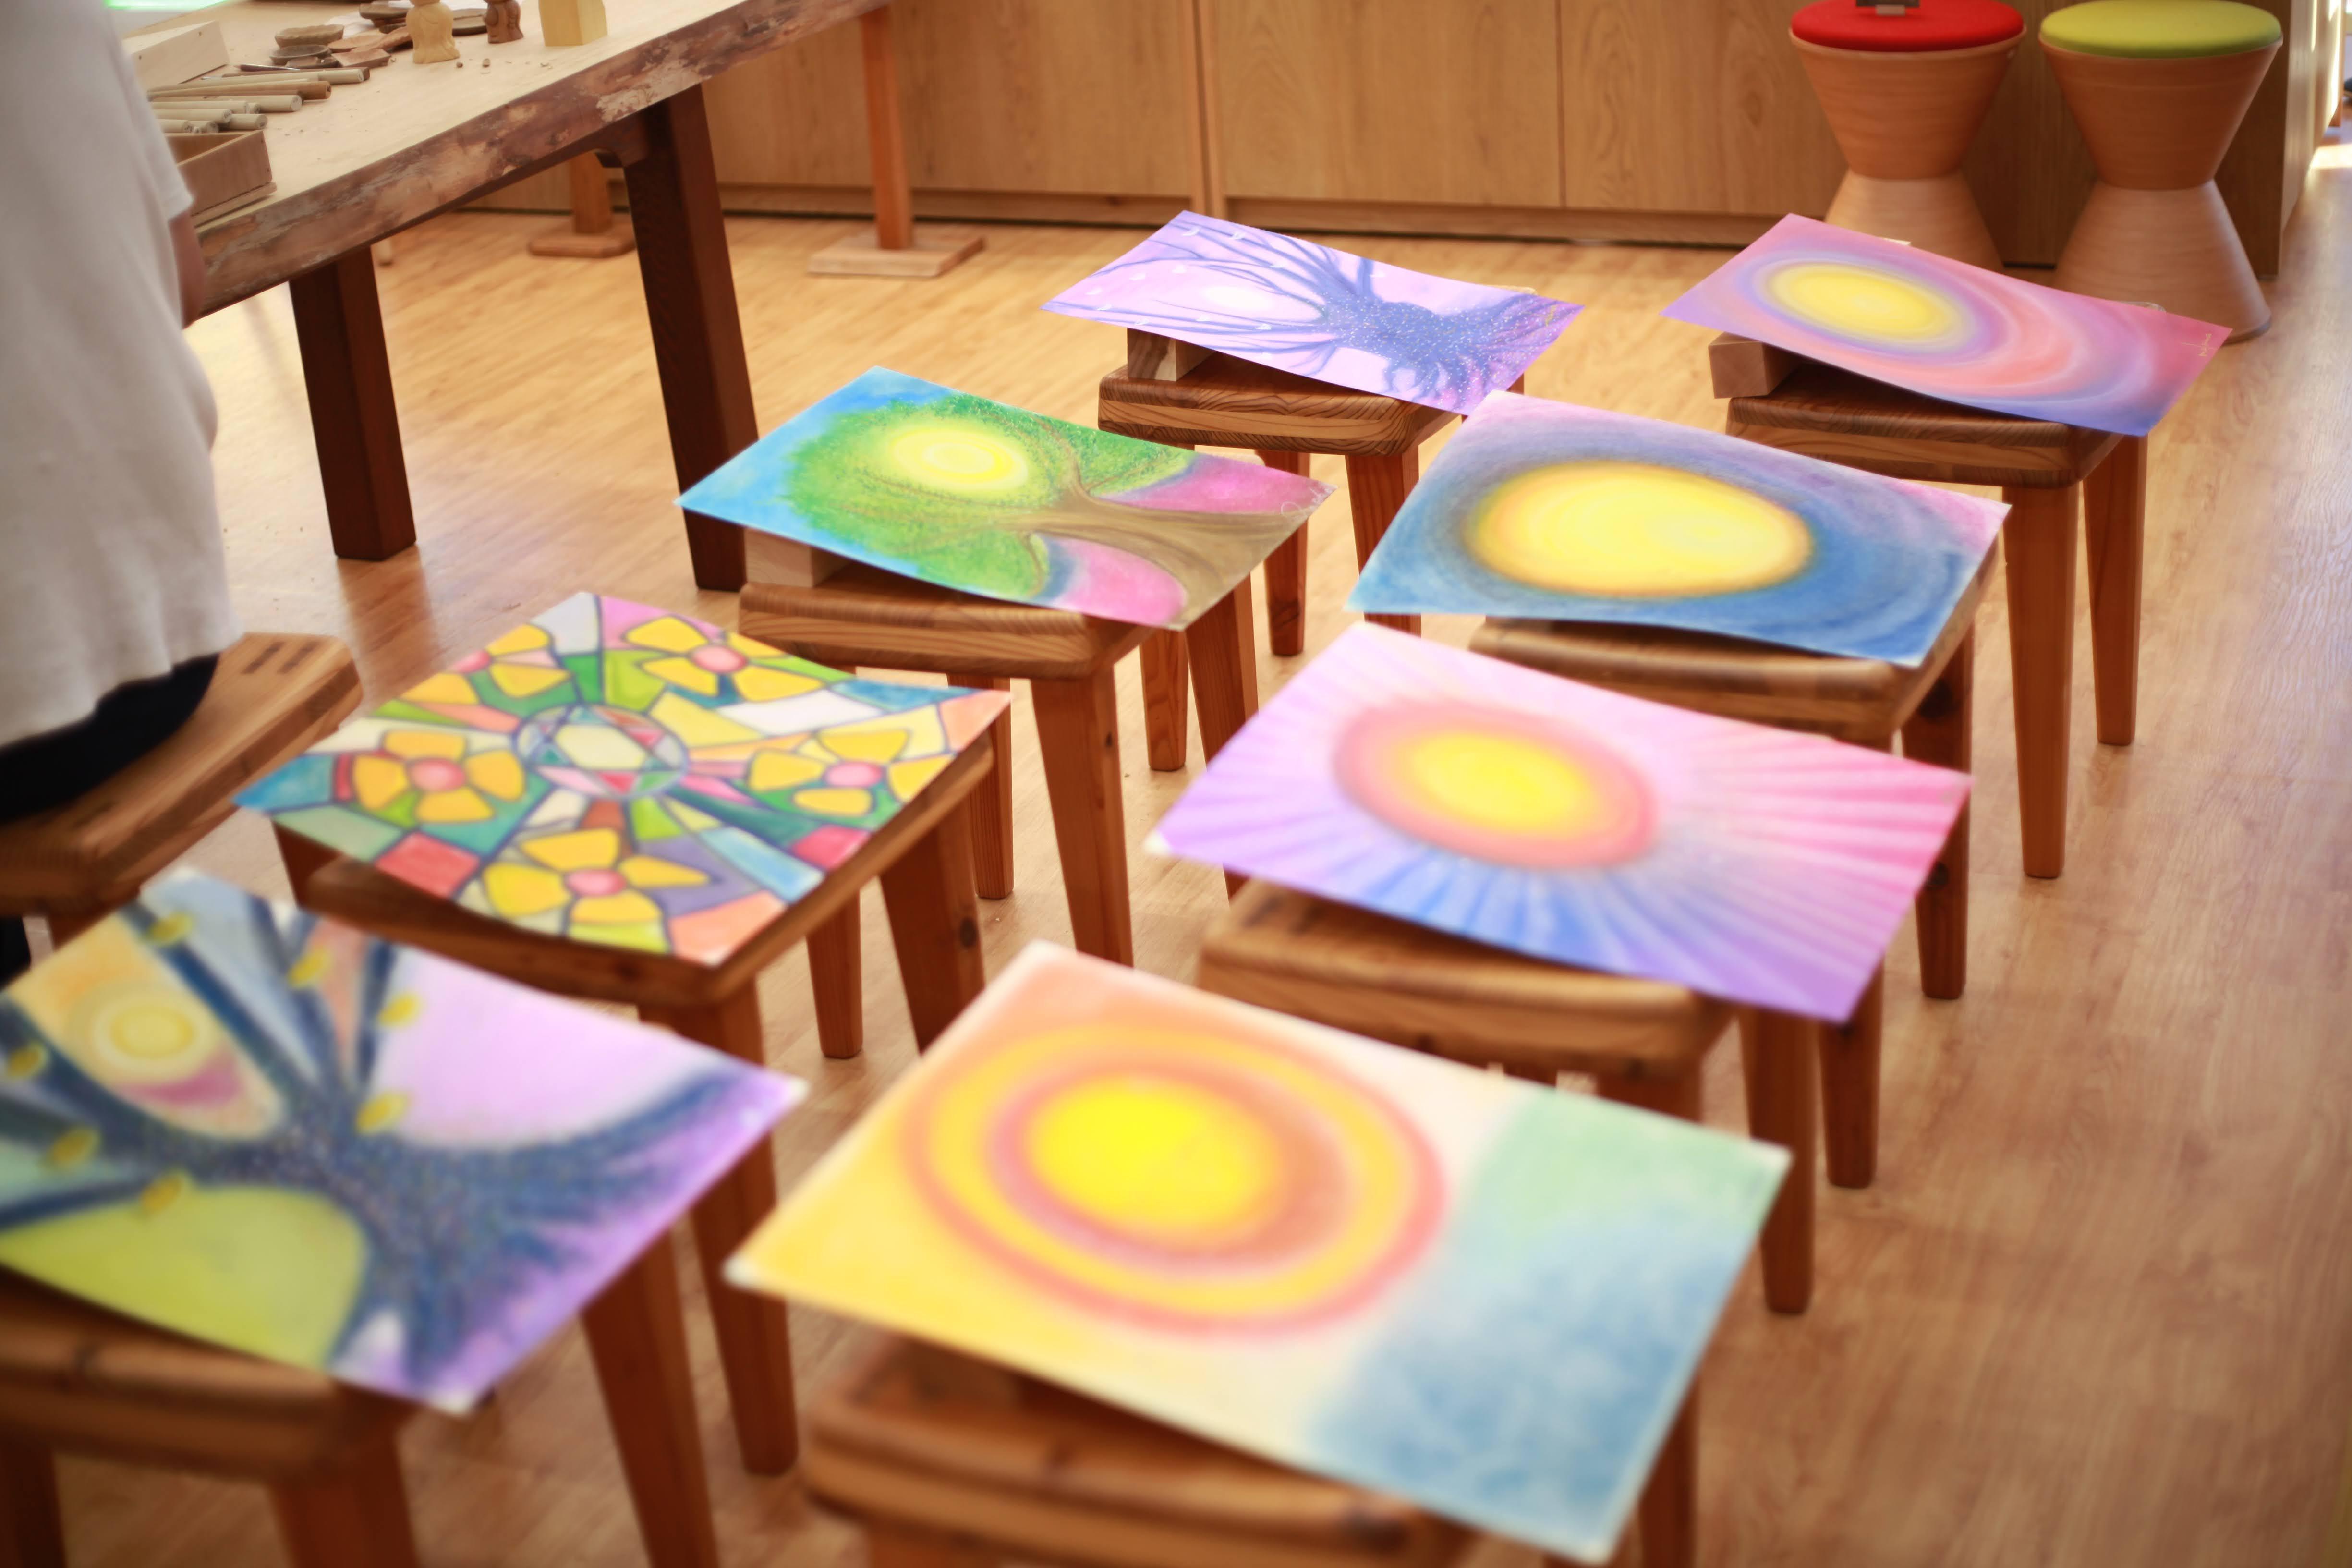 【毎日】おっきい紙に自由に描こう「パステル教室」